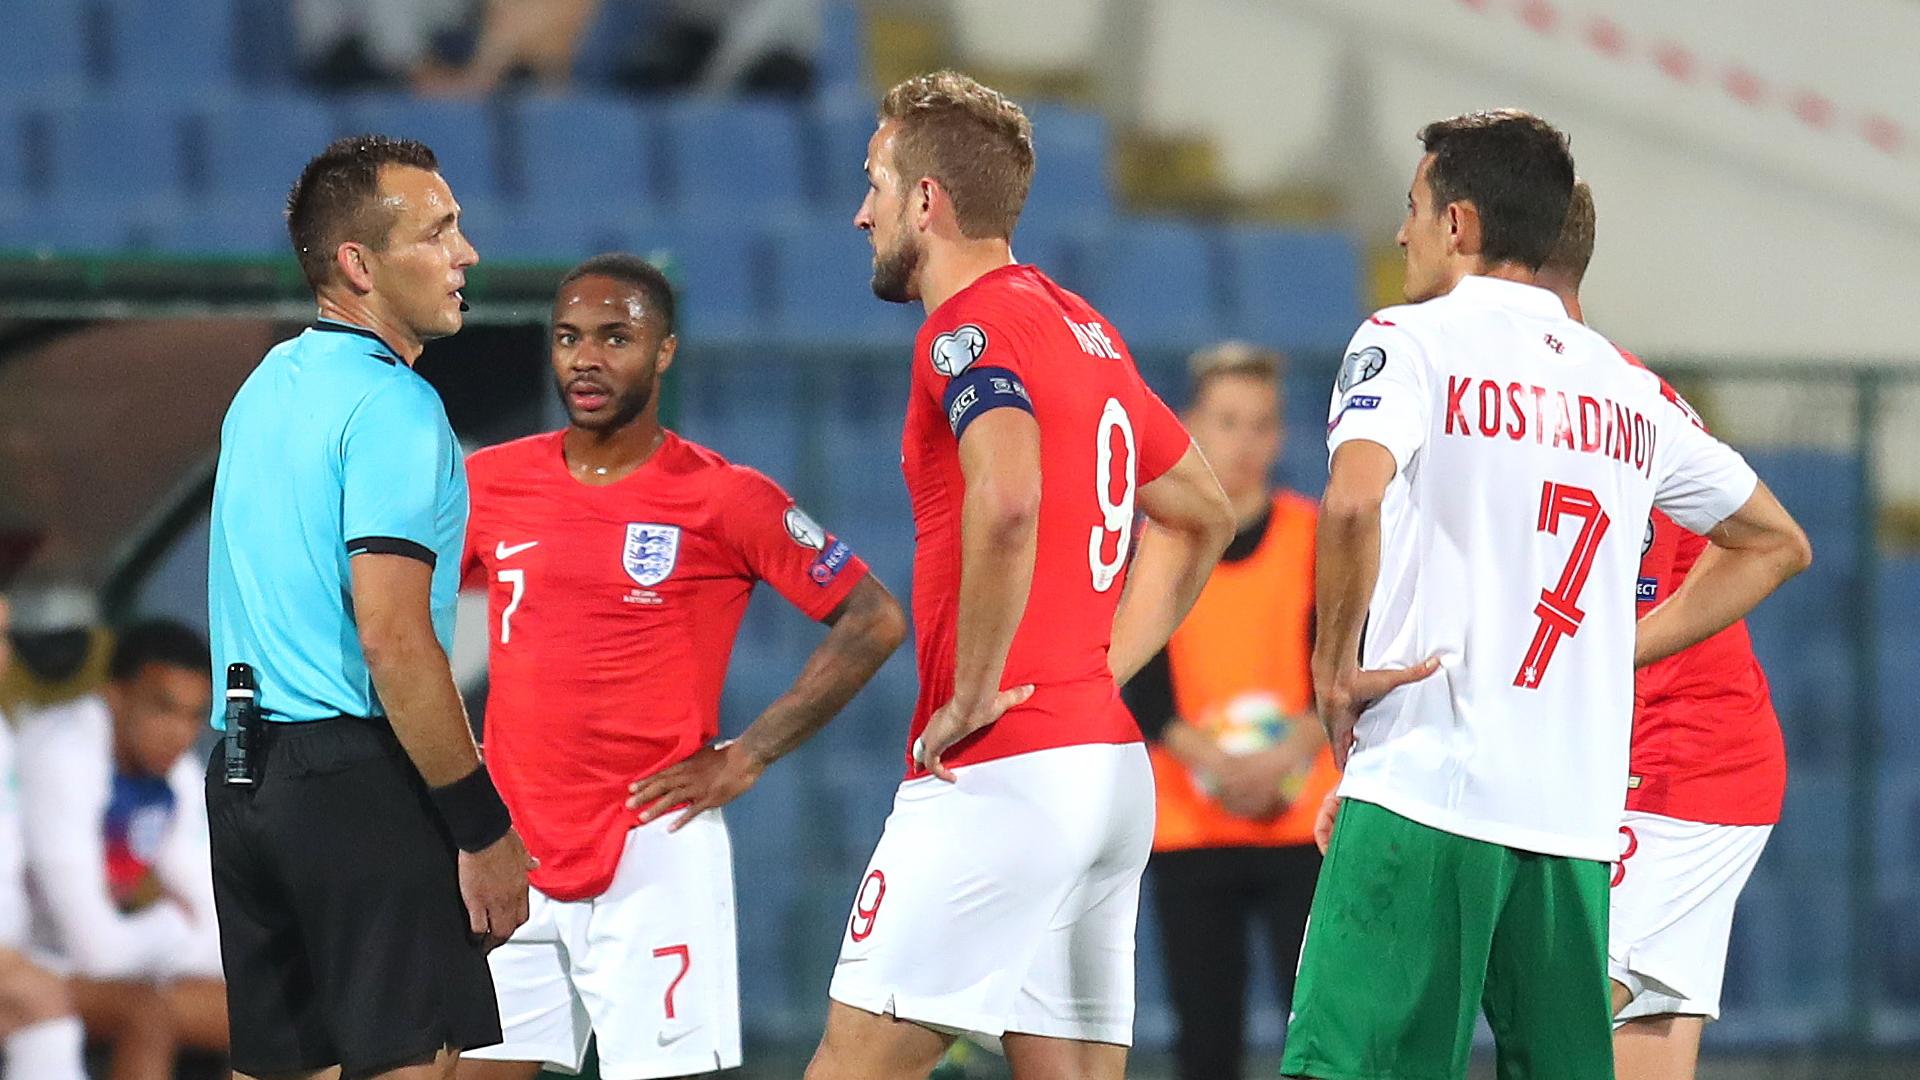 伊恩·赖特:欧足联反种族歧视不力 这些球迷需教育